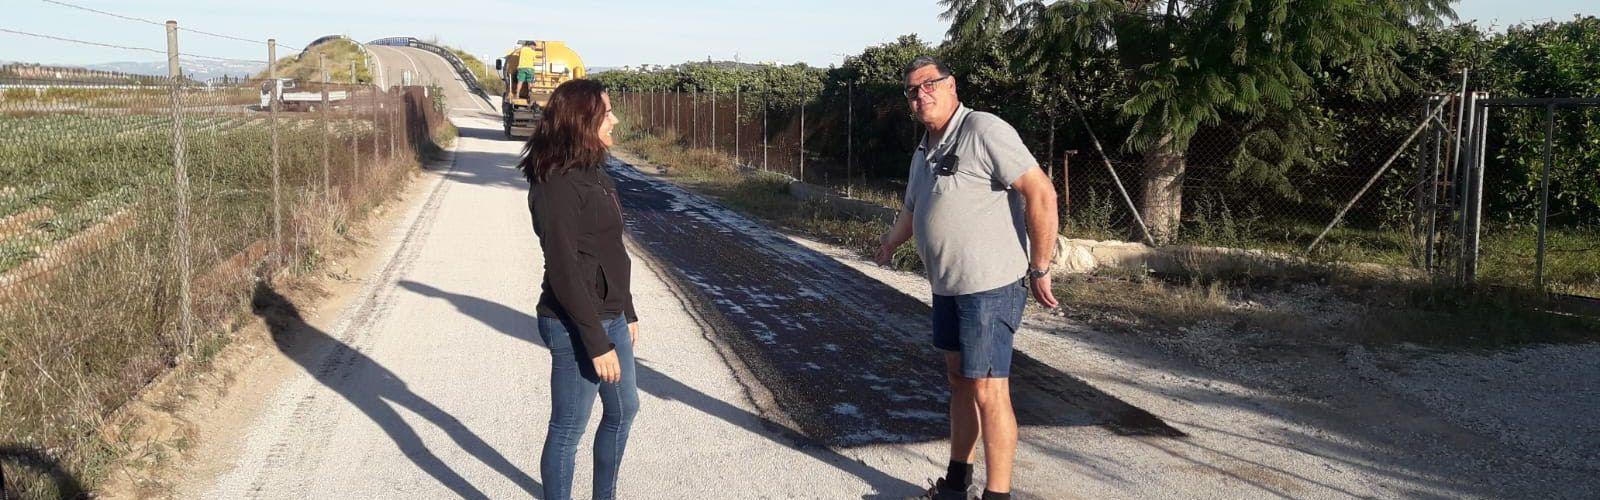 Obres i Serveis millora els camins rurals del terme municipal de Vinaròs